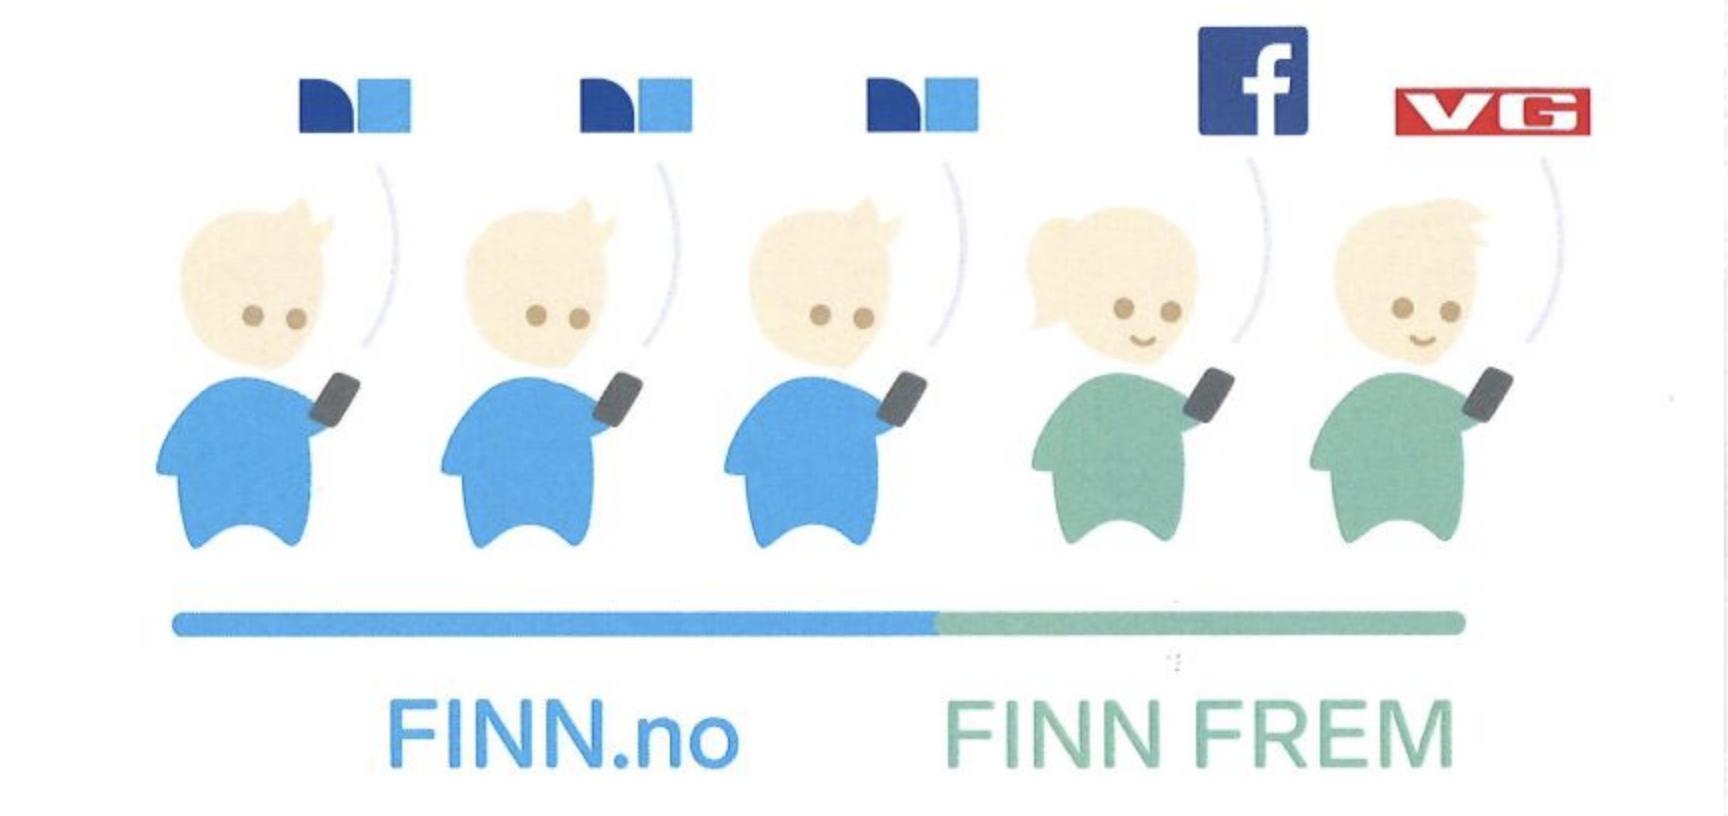 Finn Frem